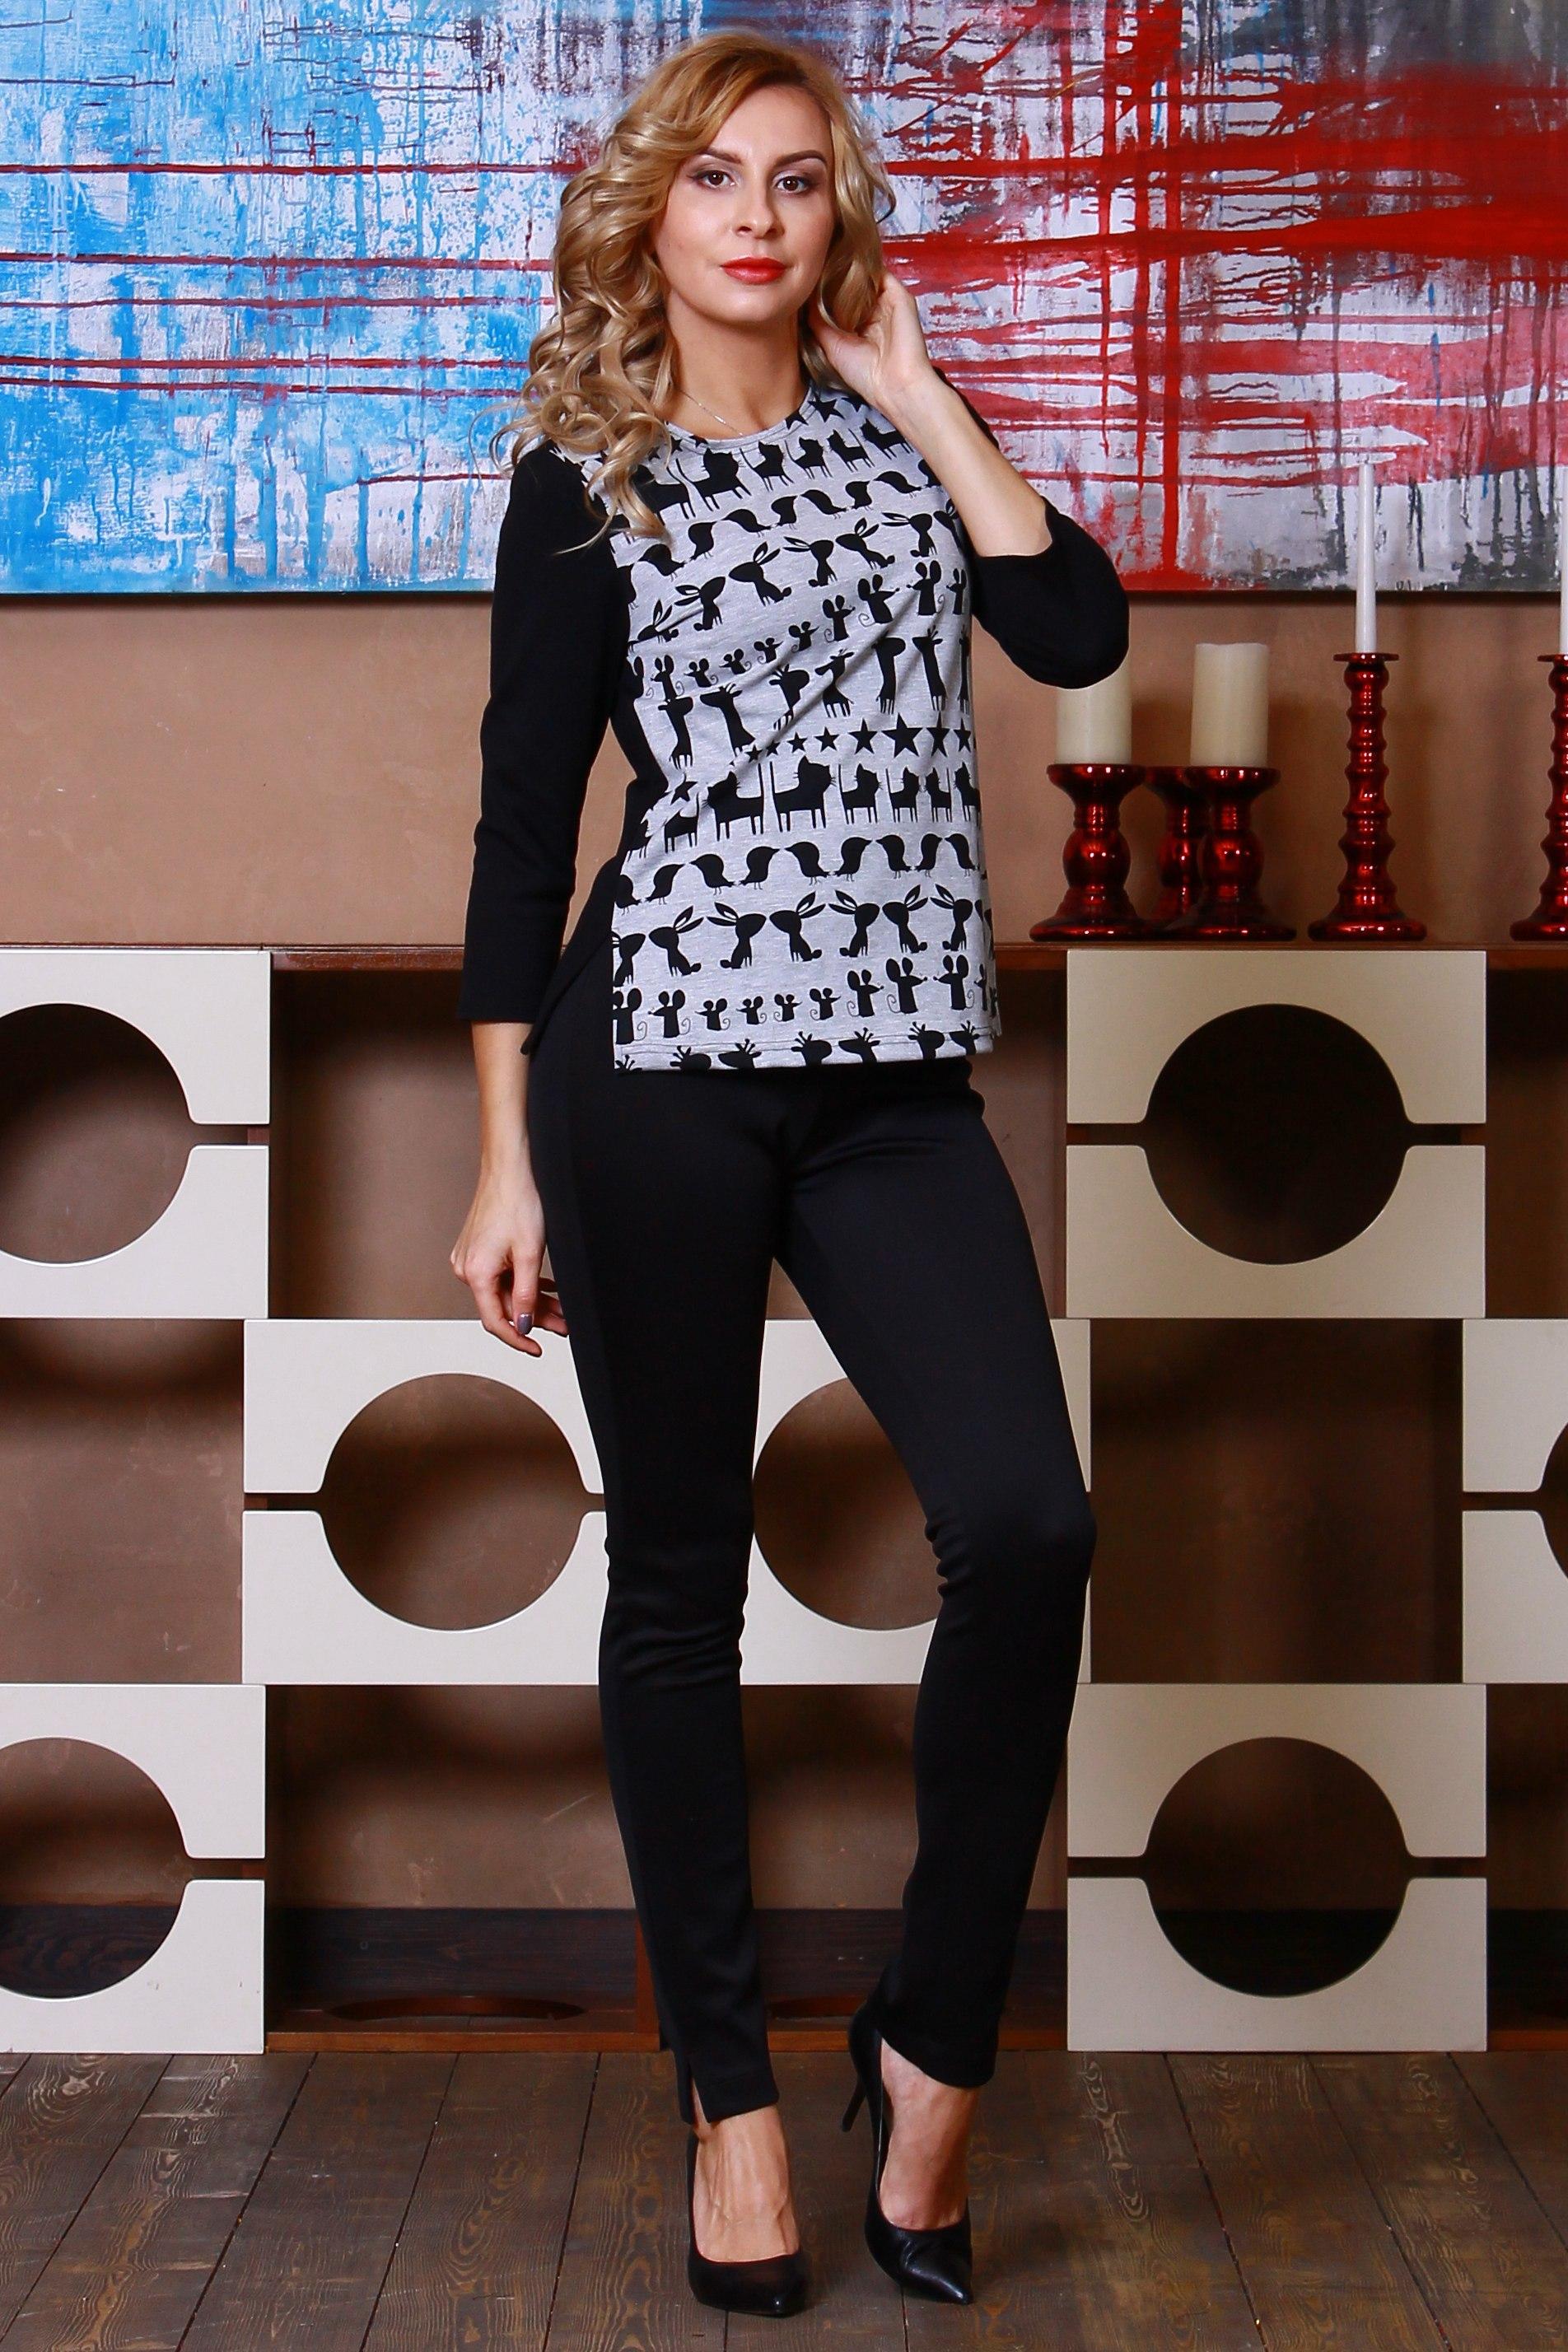 БлузкаБлузки<br>Комбинированная блуза из полушерстяного трикотажного полотна прямого силуэта с небольшими разрезами по бокам, рукав втачной 3/4.  Длина изделия от 59 см до 62 см, в зависимости от размера.  Цвет: черный, серый  Рост девушки-фотомодели 175 см<br><br>Горловина: С- горловина<br>По материалу: Трикотаж<br>По рисунку: С принтом,Цветные<br>По сезону: Весна,Зима,Лето,Осень,Всесезон<br>По силуэту: Полуприталенные<br>По стилю: Повседневный стиль<br>Рукав: Рукав три четверти<br>Размер : 46,48<br>Материал: Джерси<br>Количество в наличии: 2